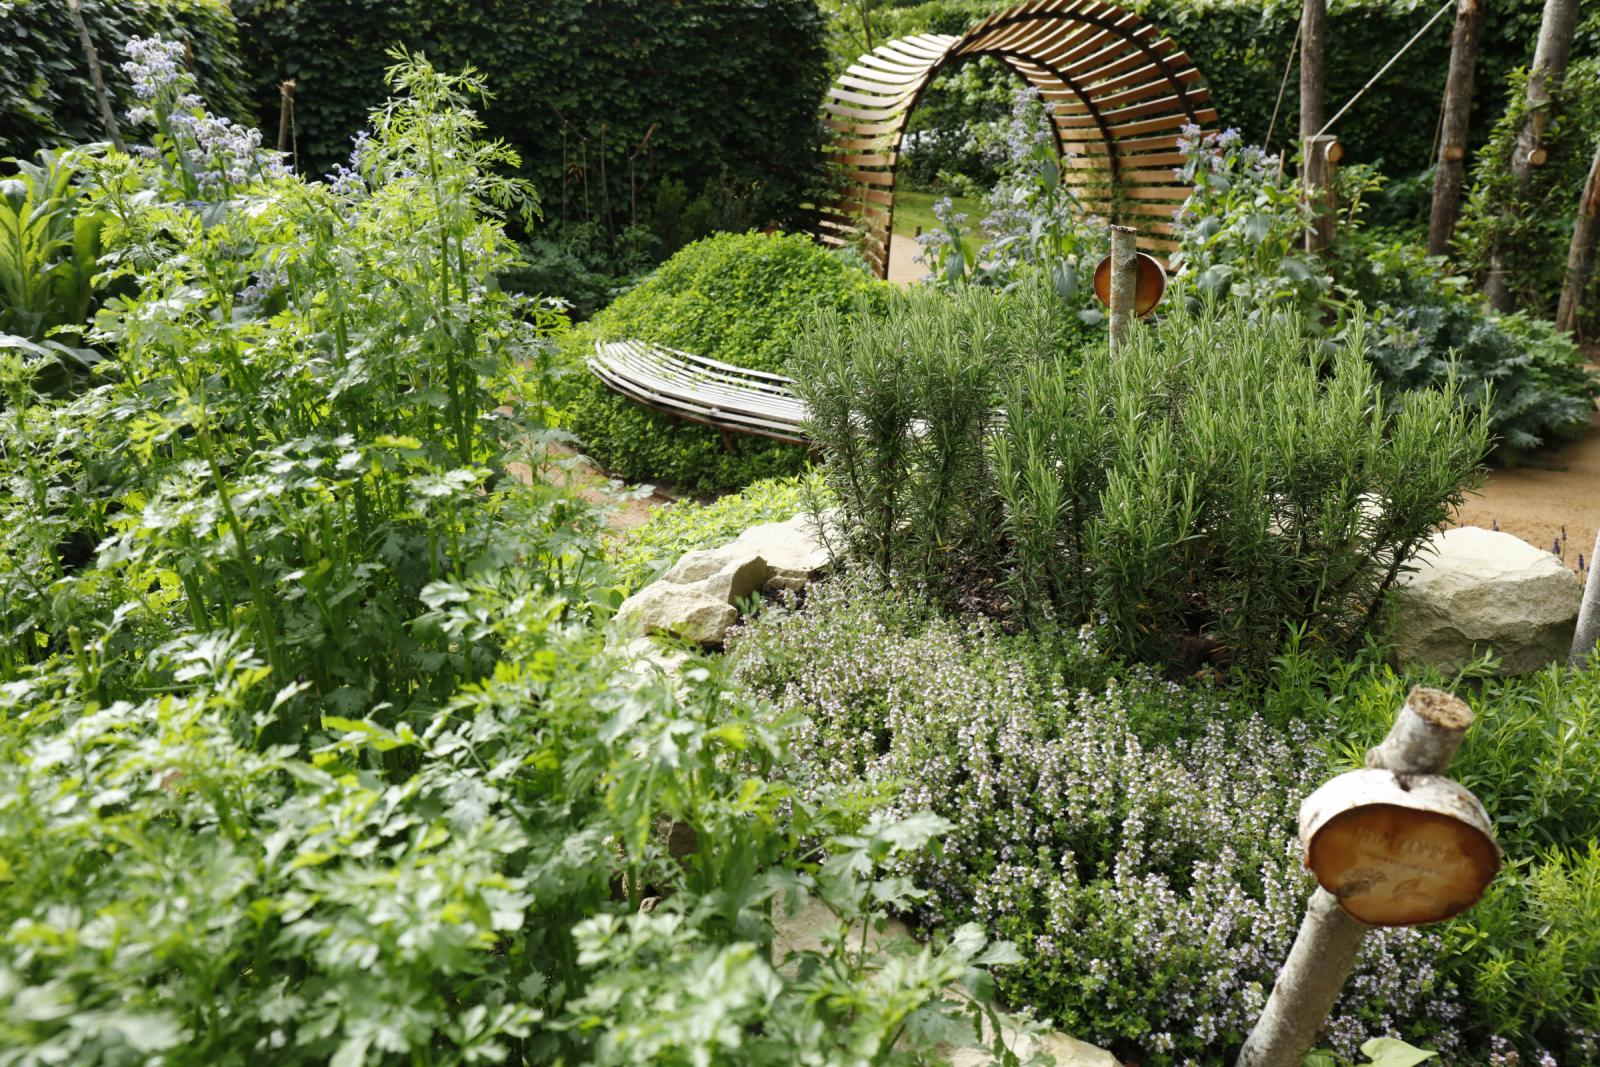 Le jardin qui se savoure domaine de chaumont sur loire for Jardin quebec